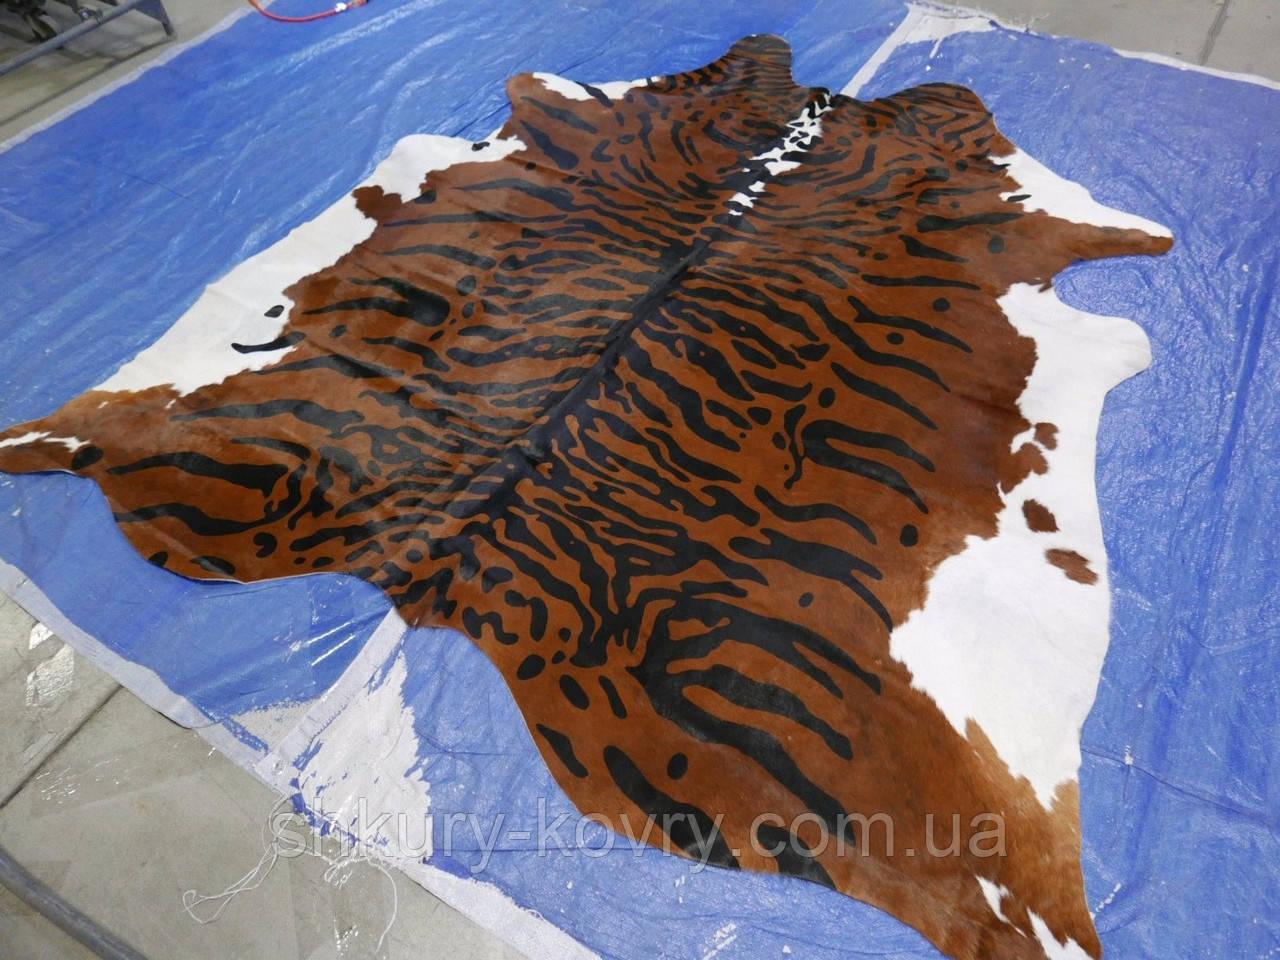 Шкура коровы для интерьера тигр на коричнево белом фоне